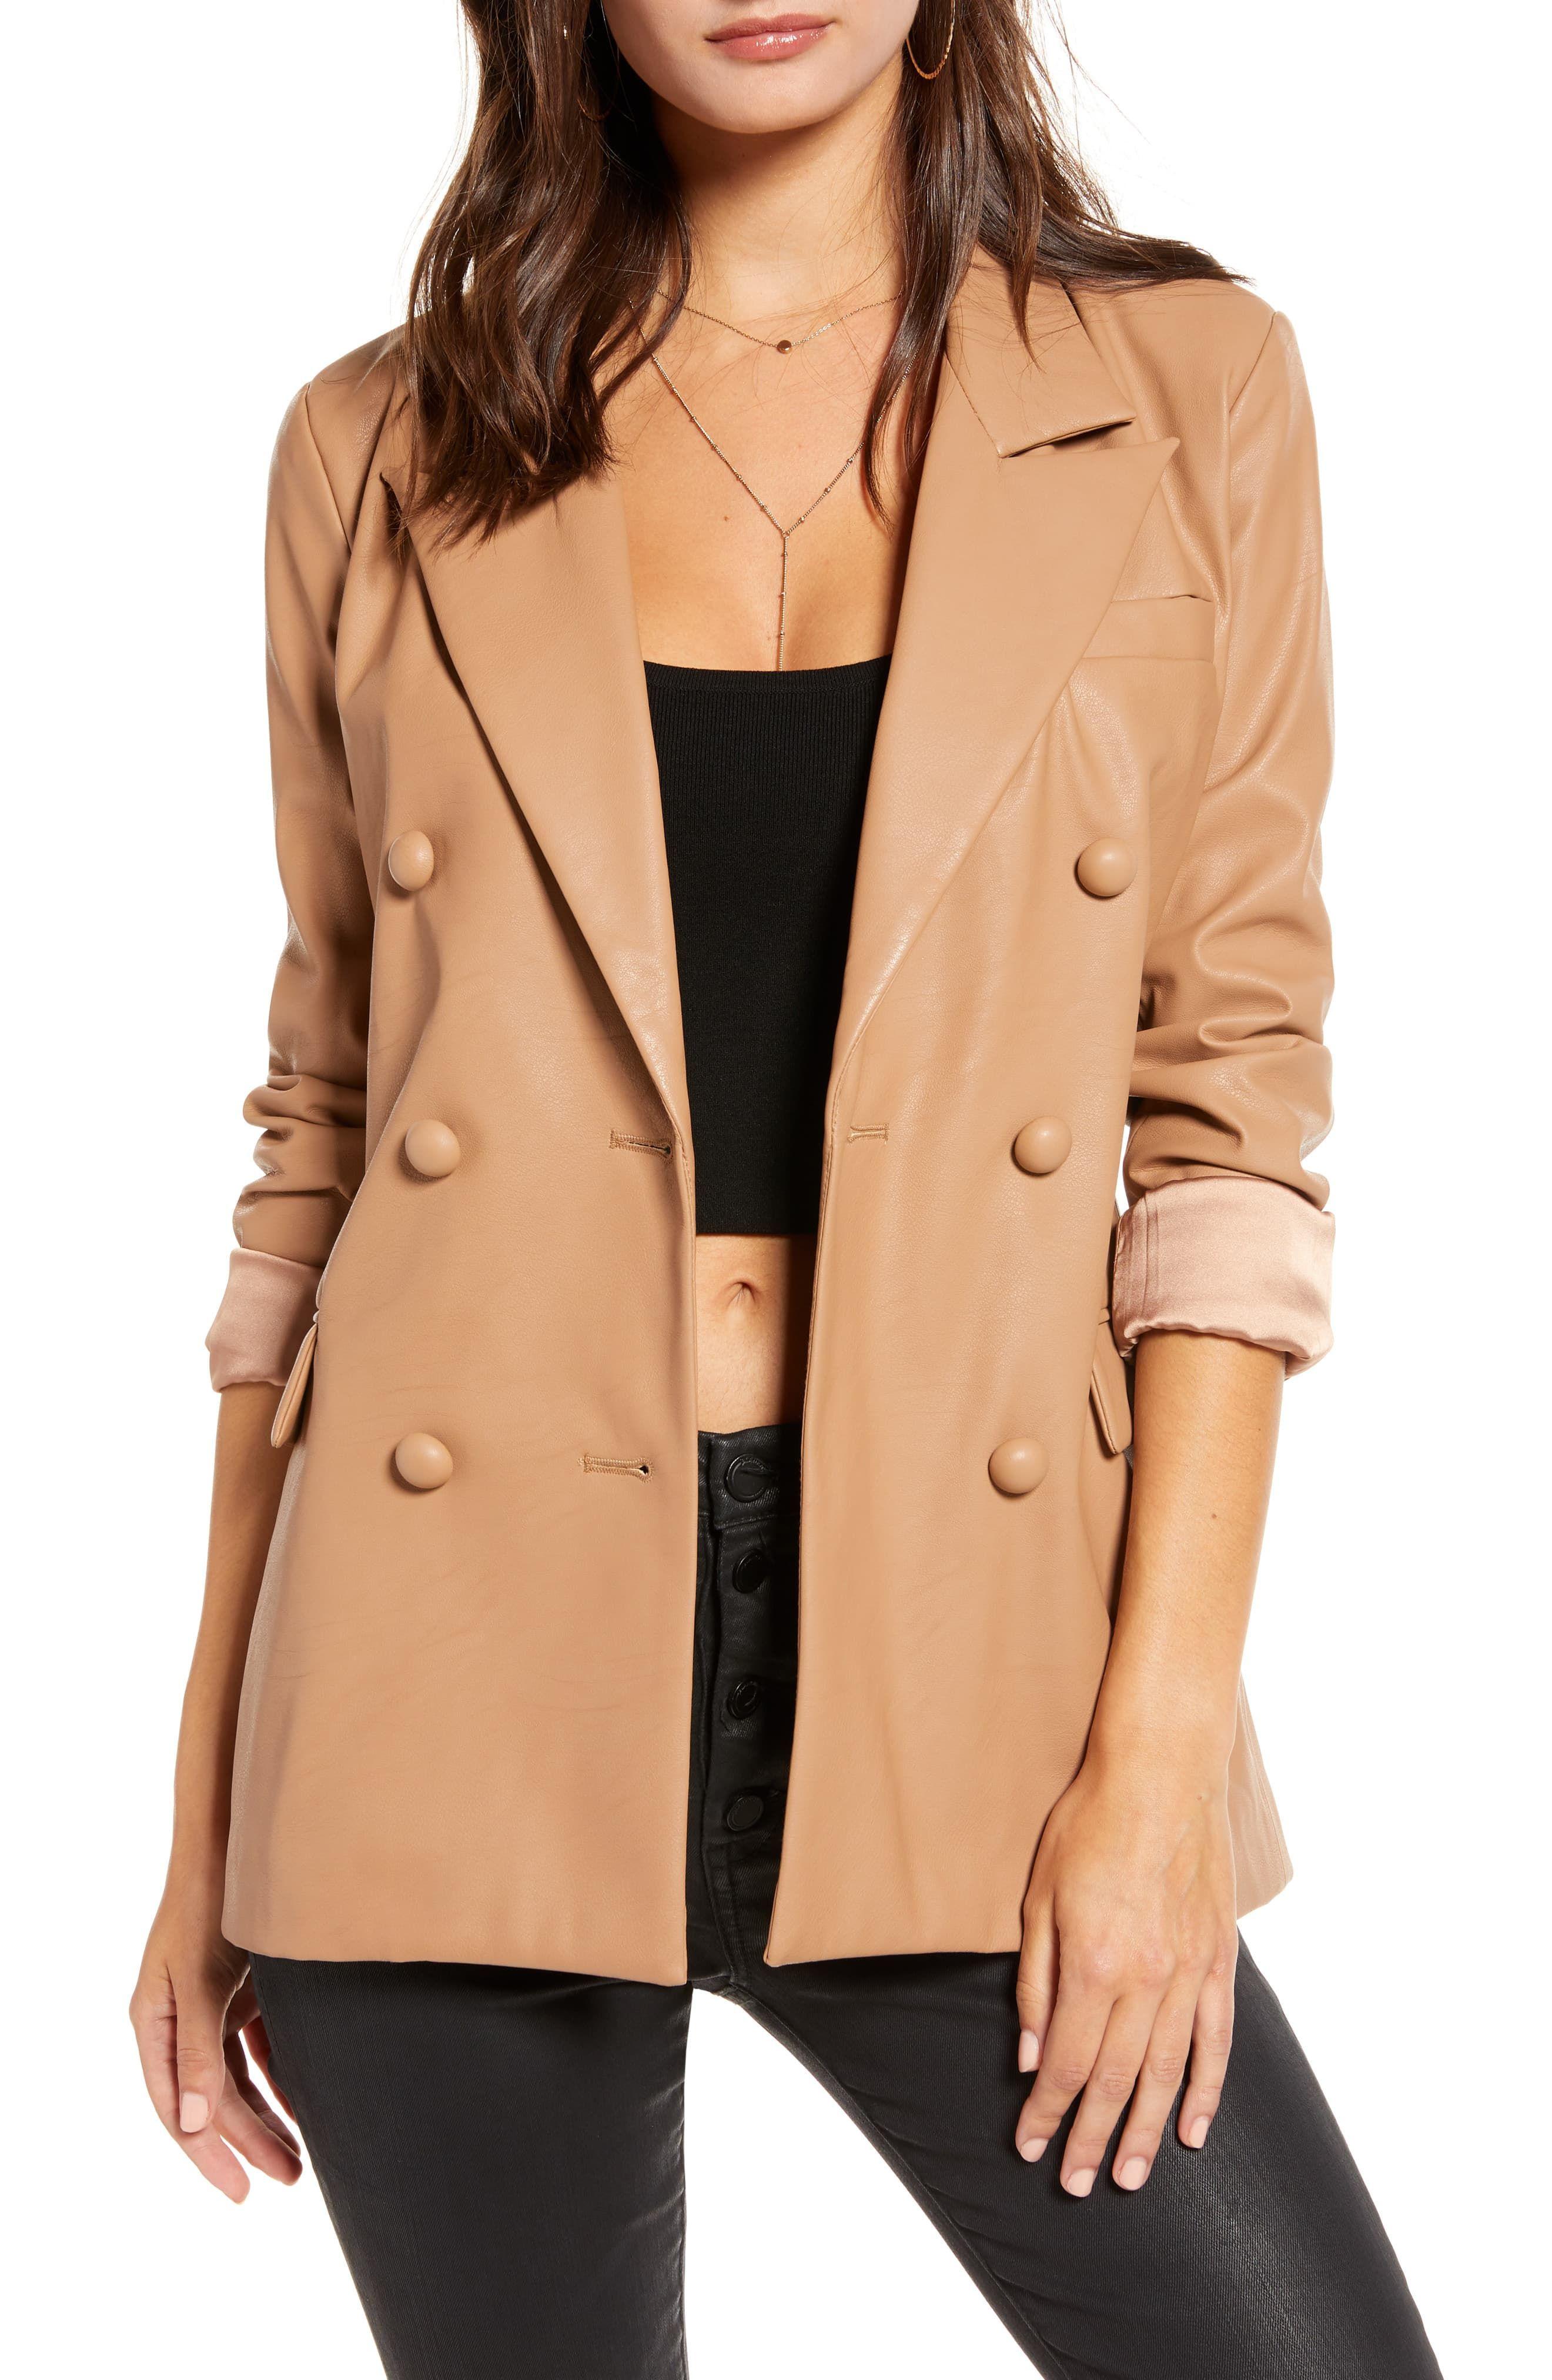 Women's Blanknyc Faux Leather Blazer, Size Medium Beige